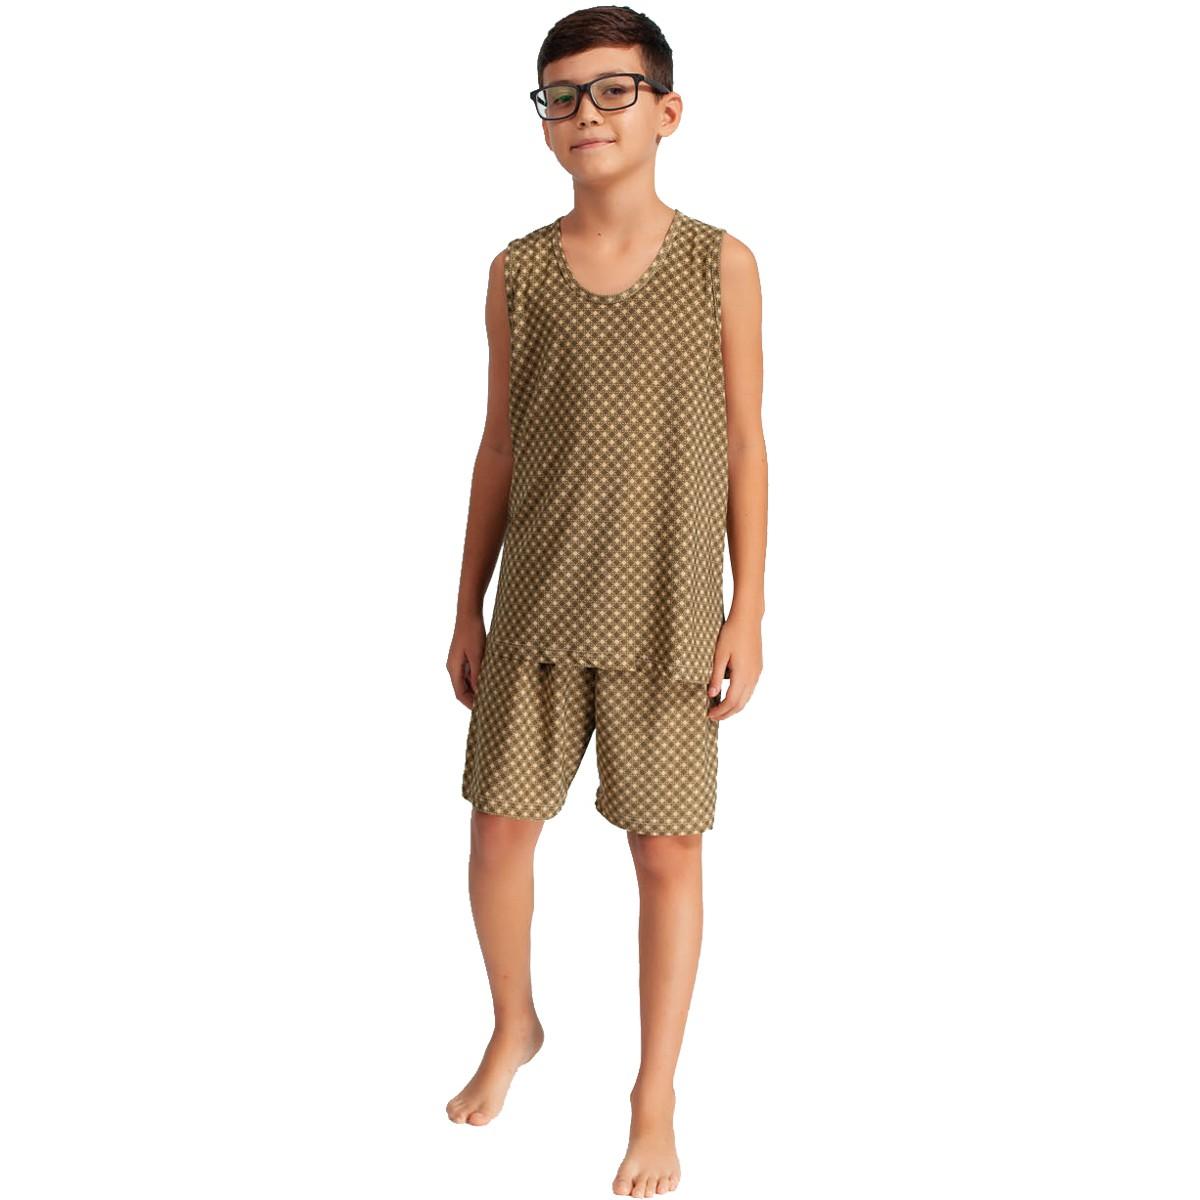 Pijama Camiseta Regata Short Liganete Masculino Infantil Menino Ref: 1422